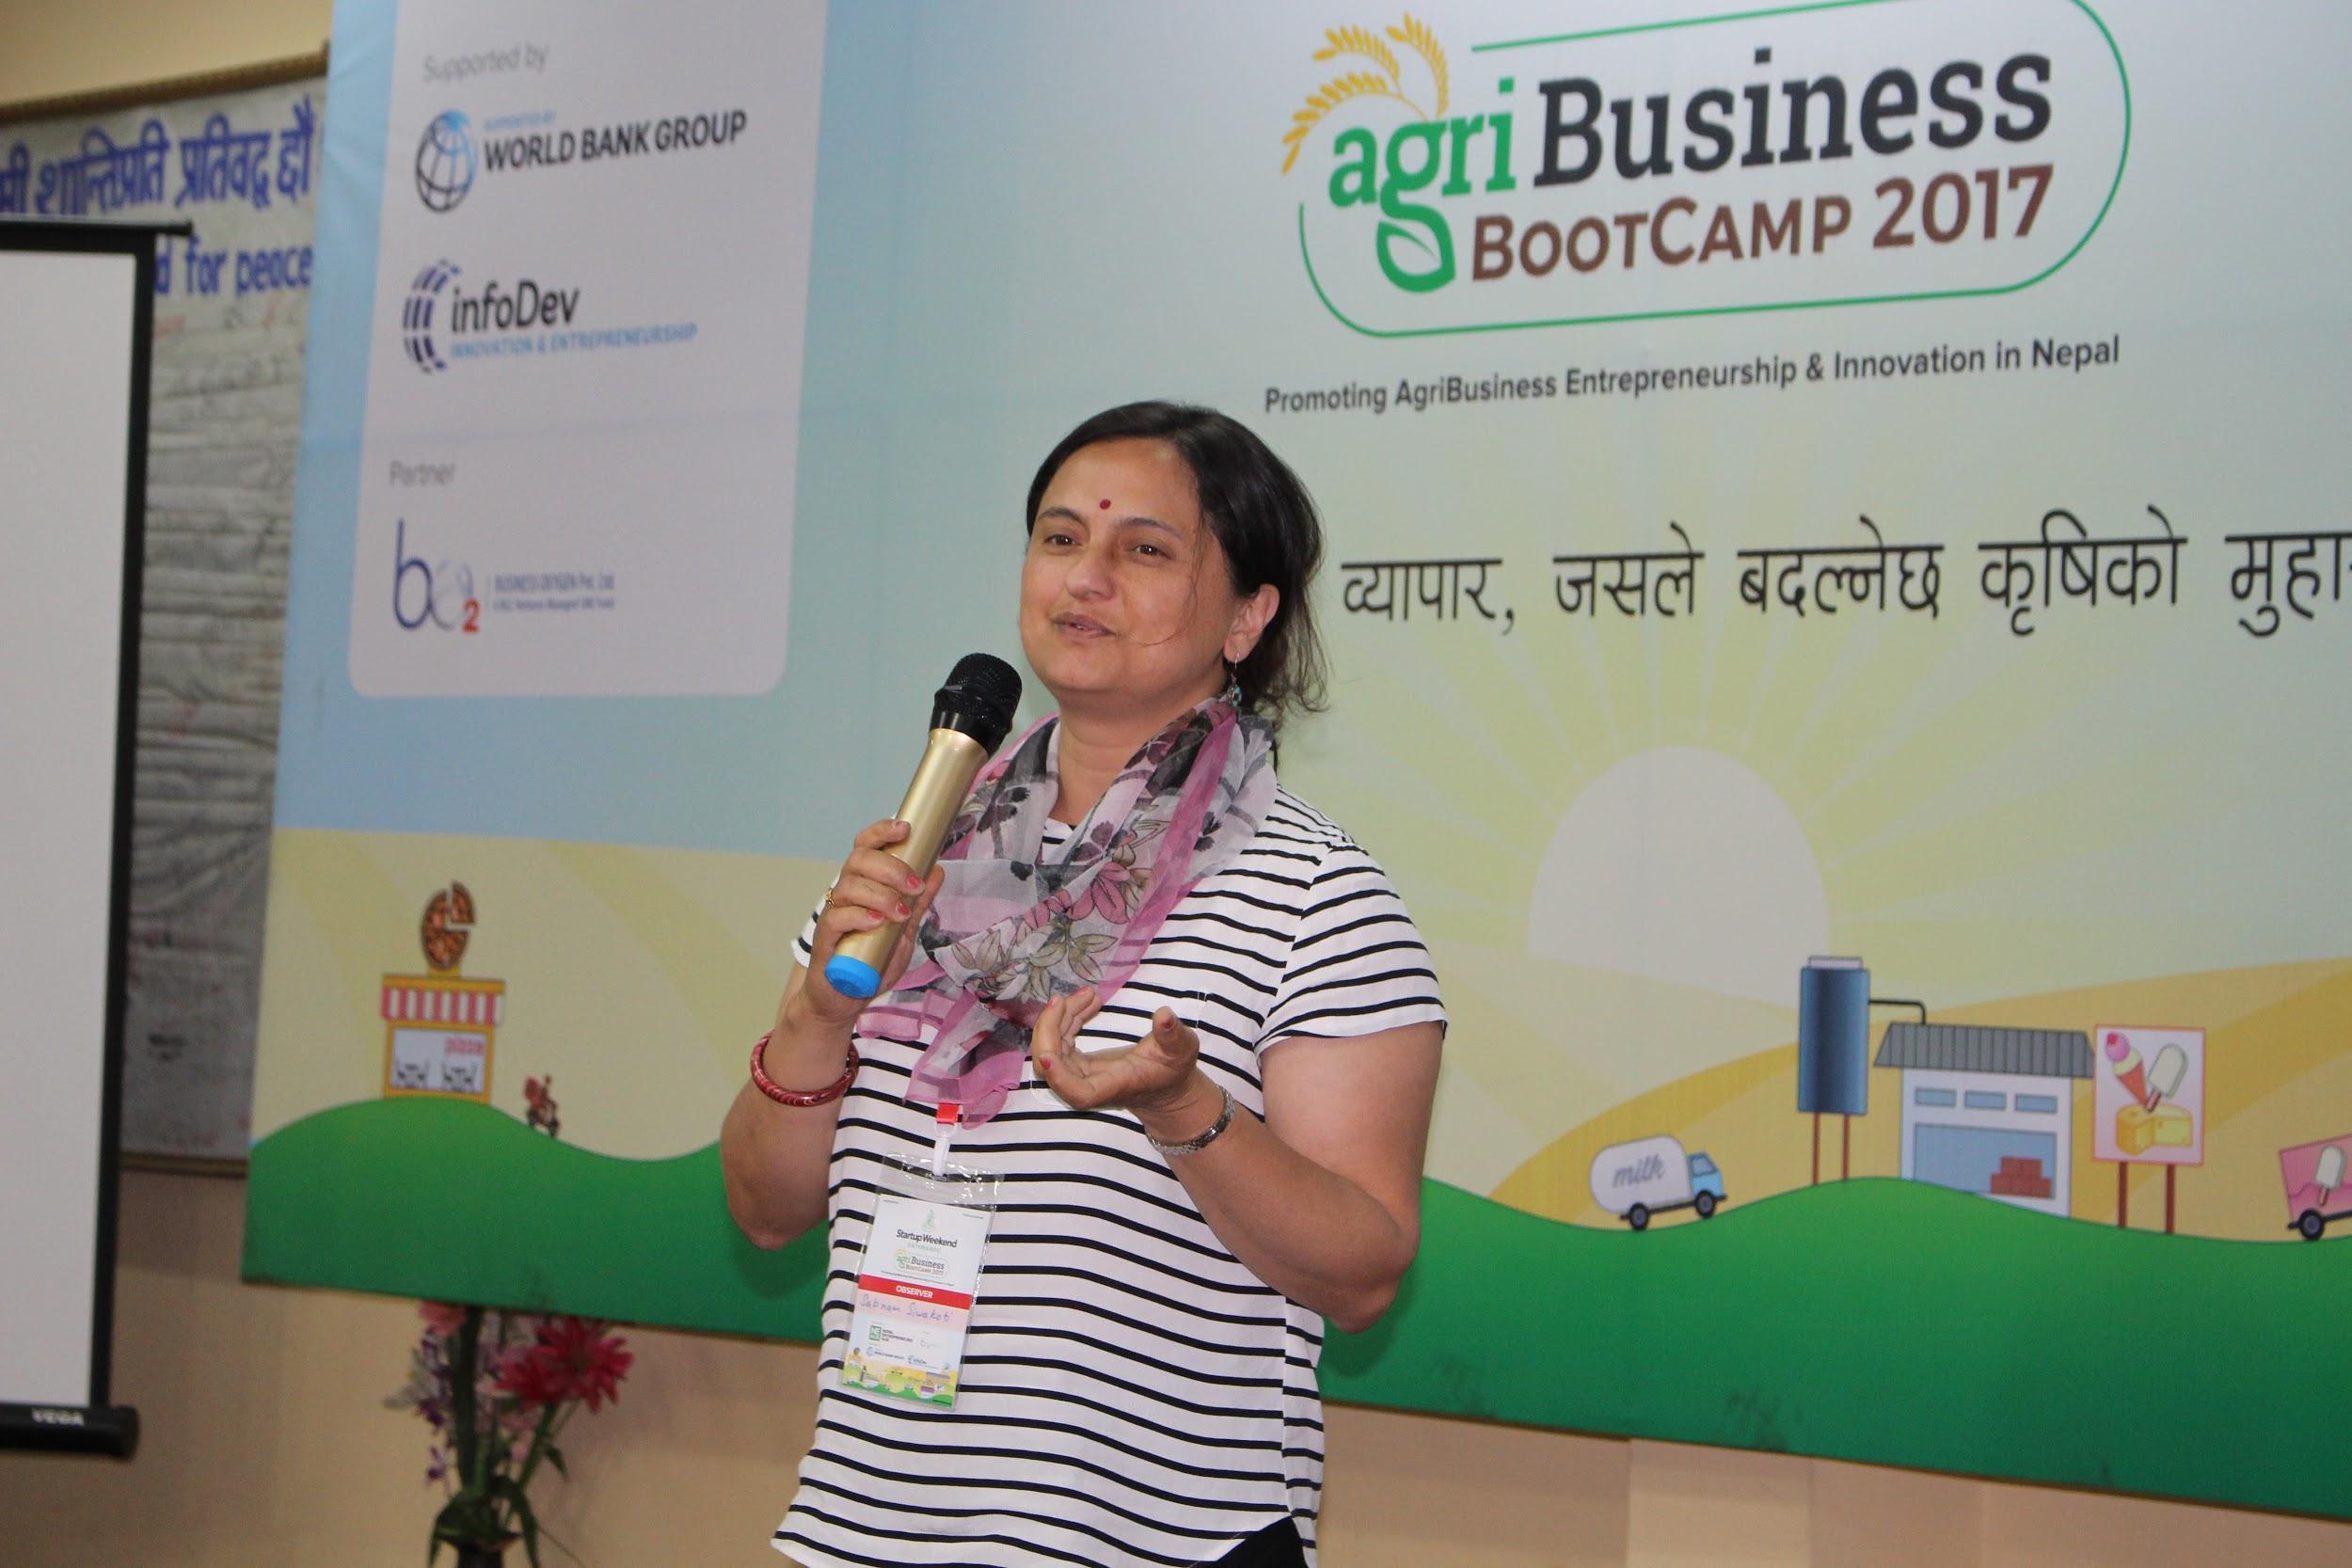 Ms. Shabnam Shivakoti